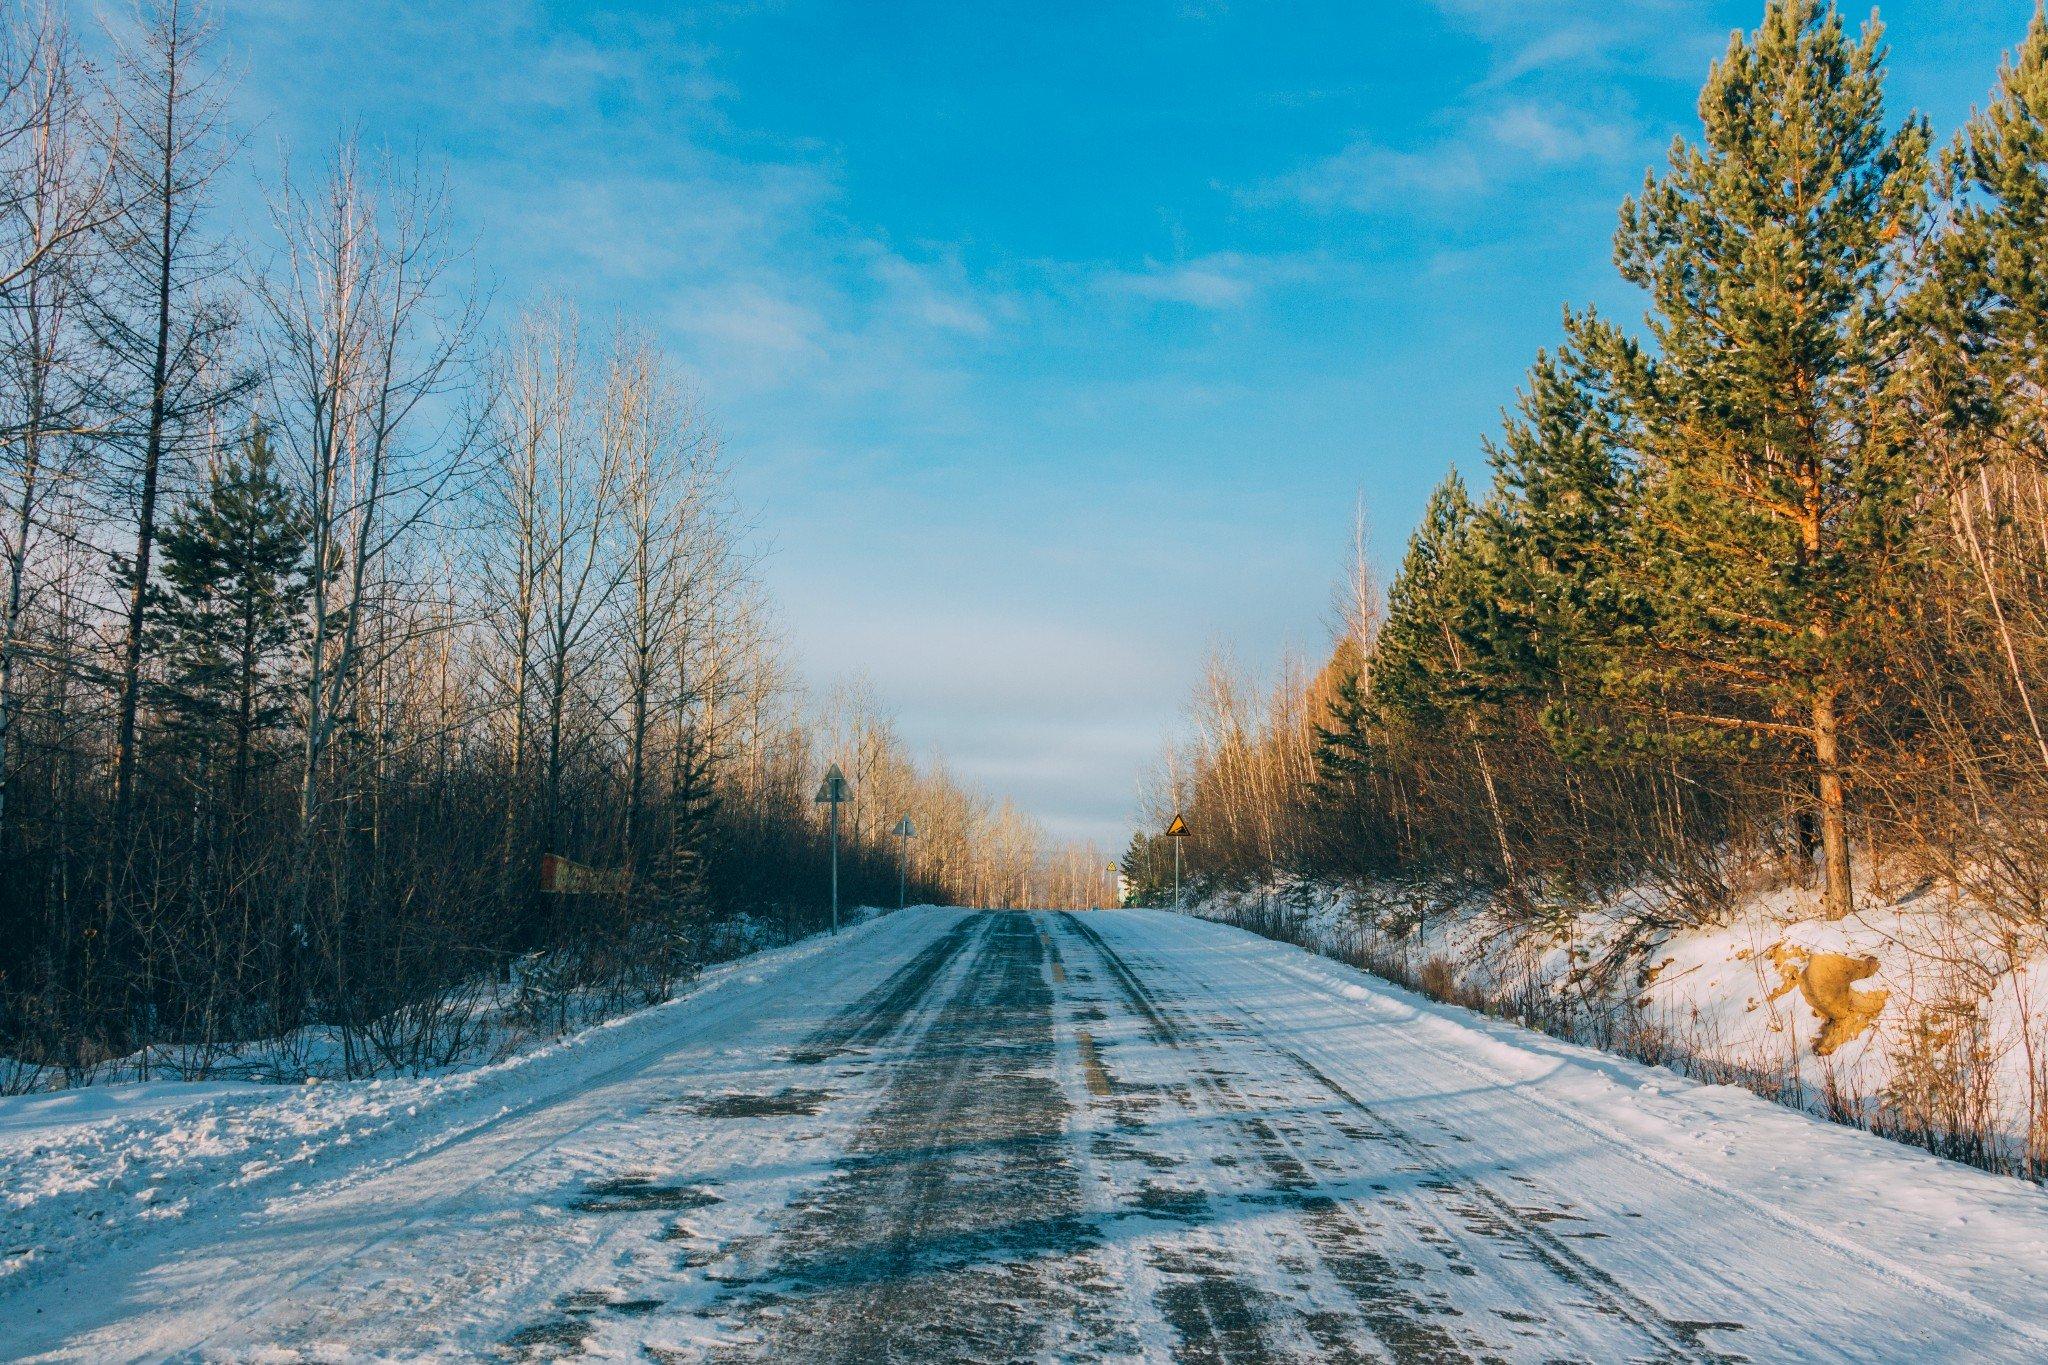 不如一路向北去漠河,过一个零下40℃的冬天